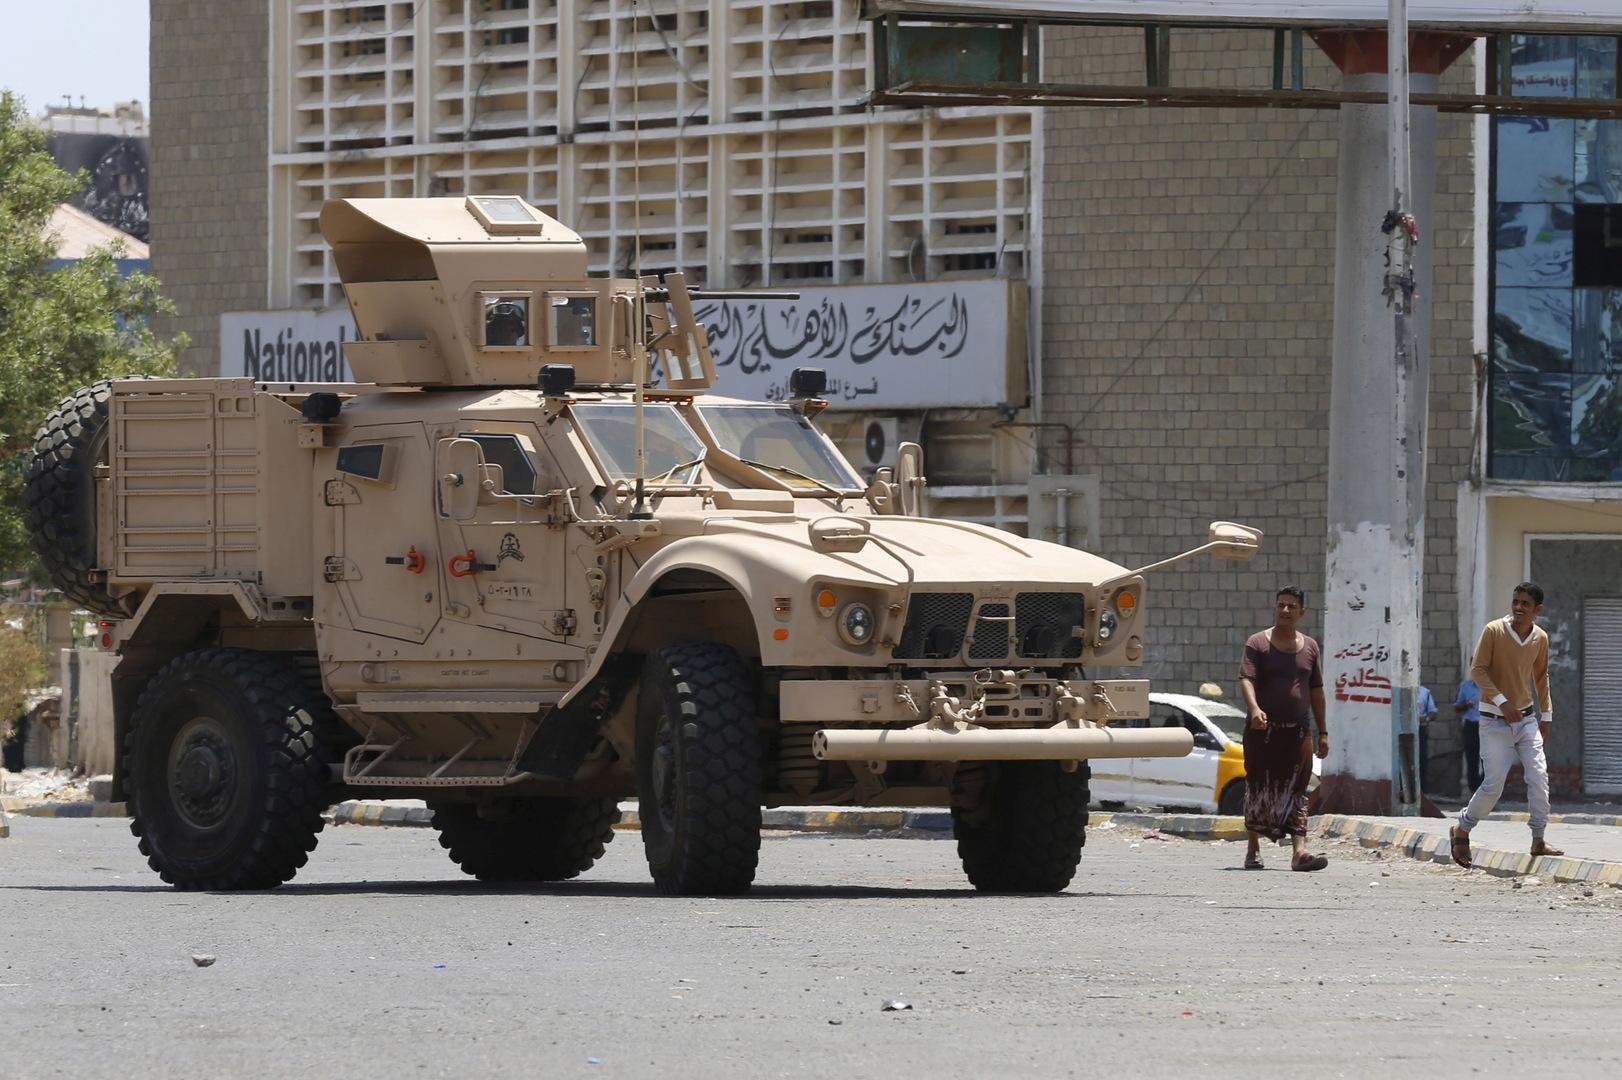 التحالف العربي يعلن بدء عملية نوعية لتدمير أهداف عسكرية للحوثيين